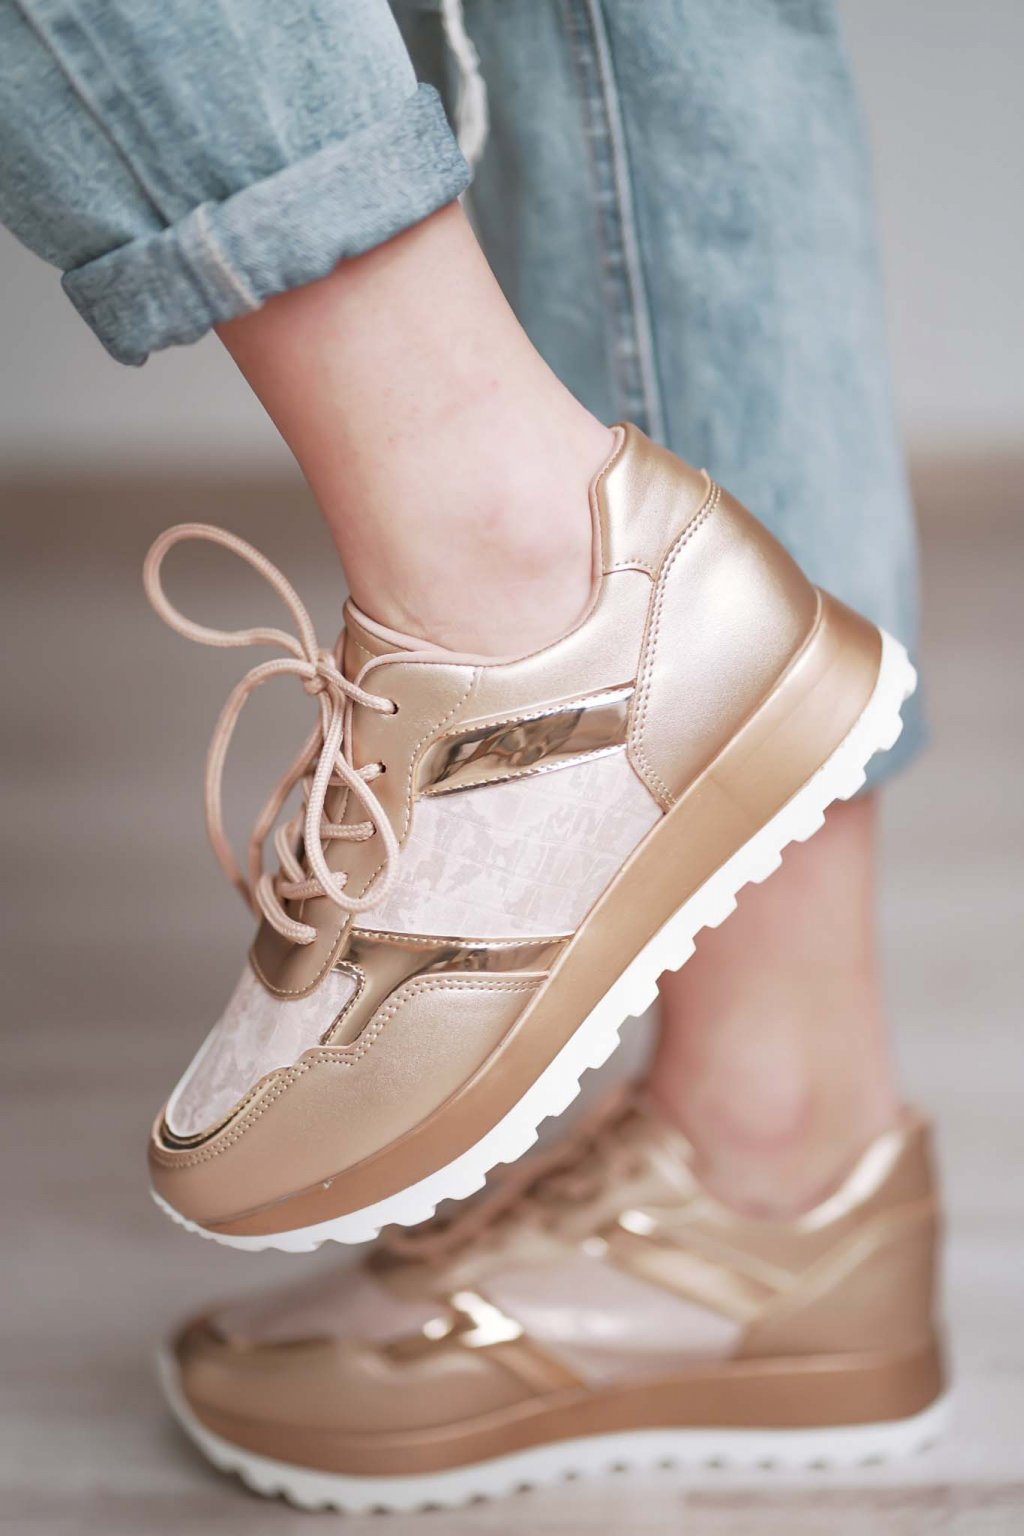 topánky, obuv, tenisky, botasky, lodičky, čižmy, šľapky, sandálky 592